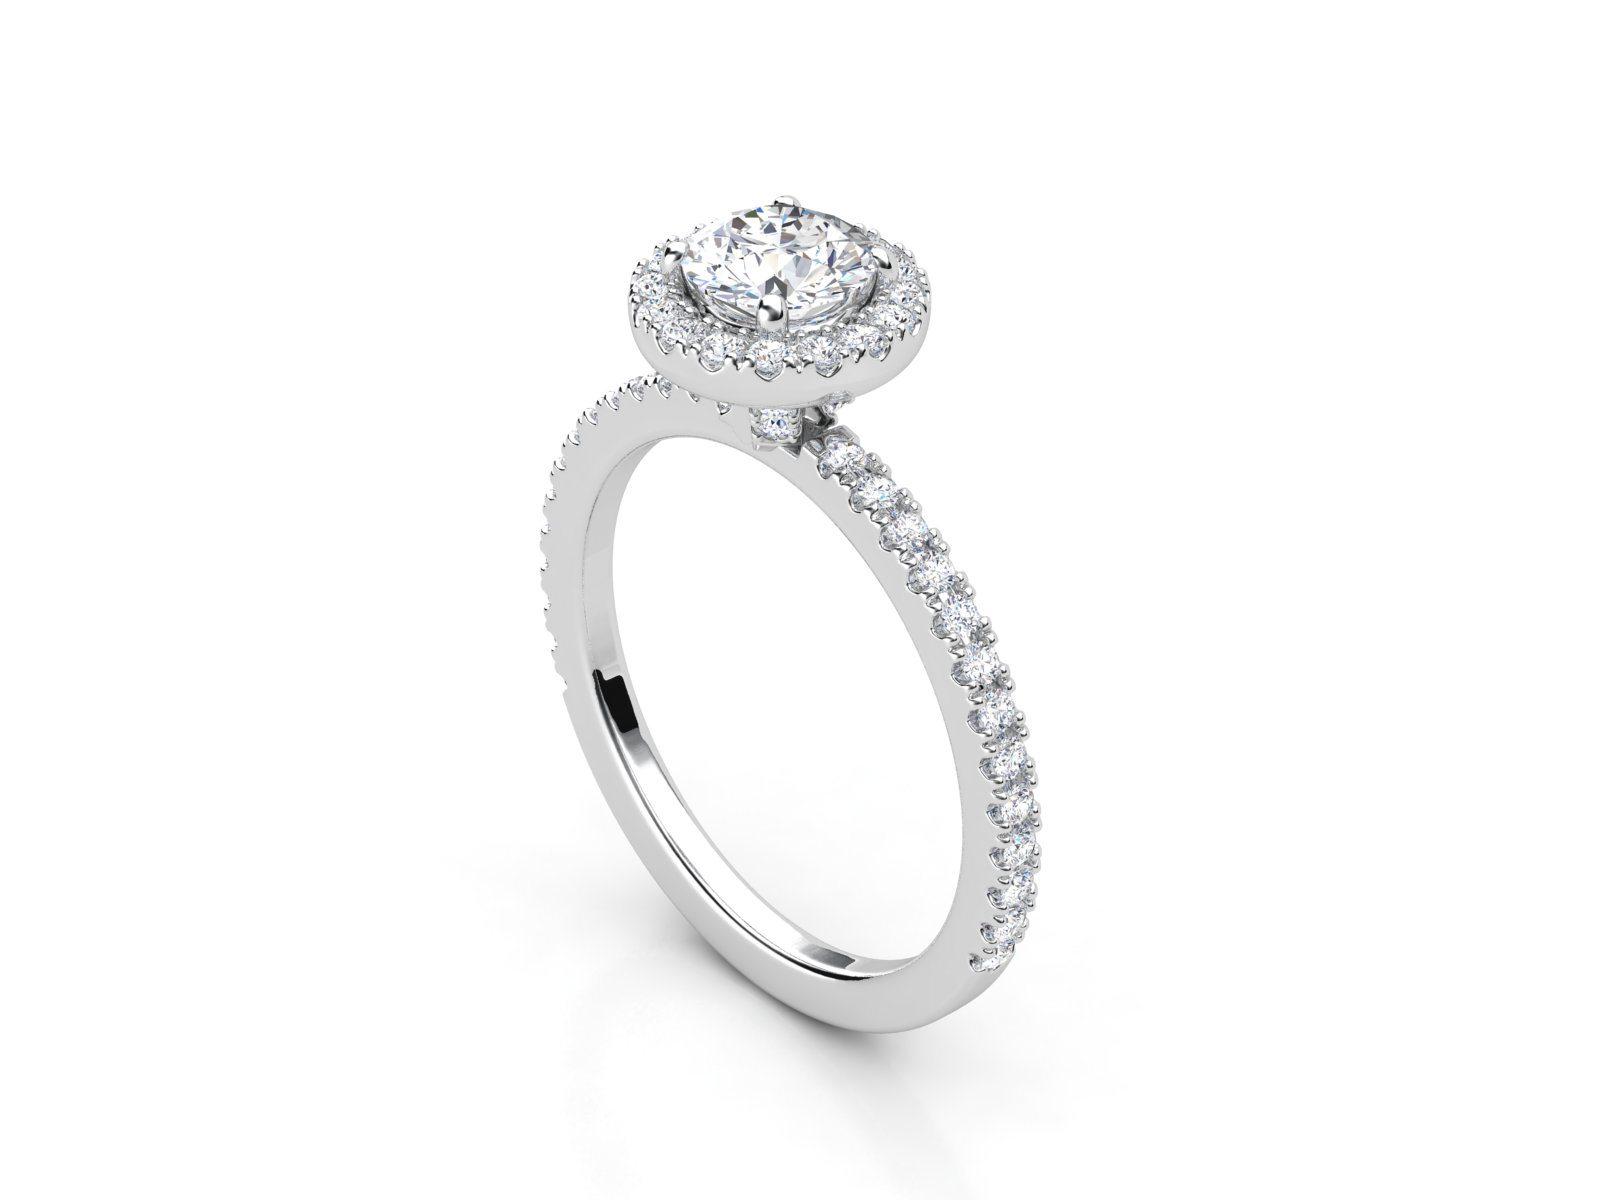 טבעת אירוסין זהב לבן האלו פאווה רוייל ליפט 3